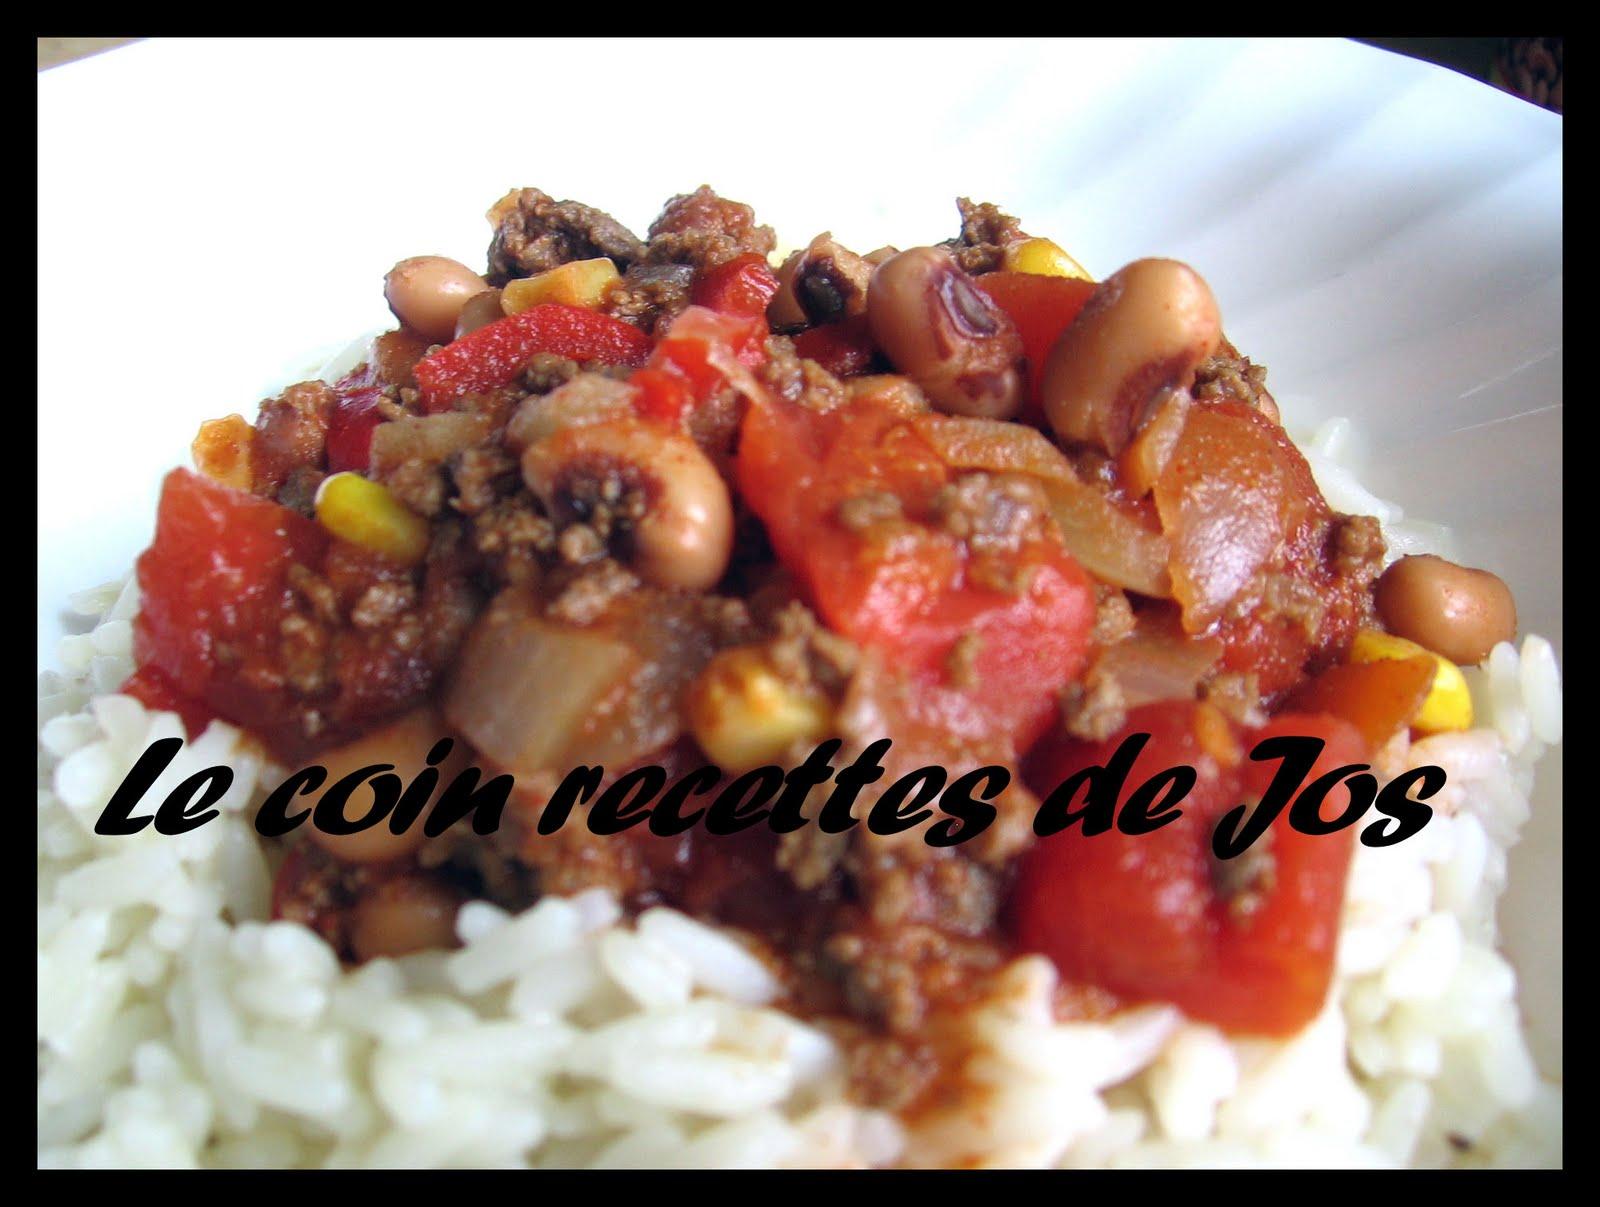 Chili con carne maison recette - Chili con carne maison ...